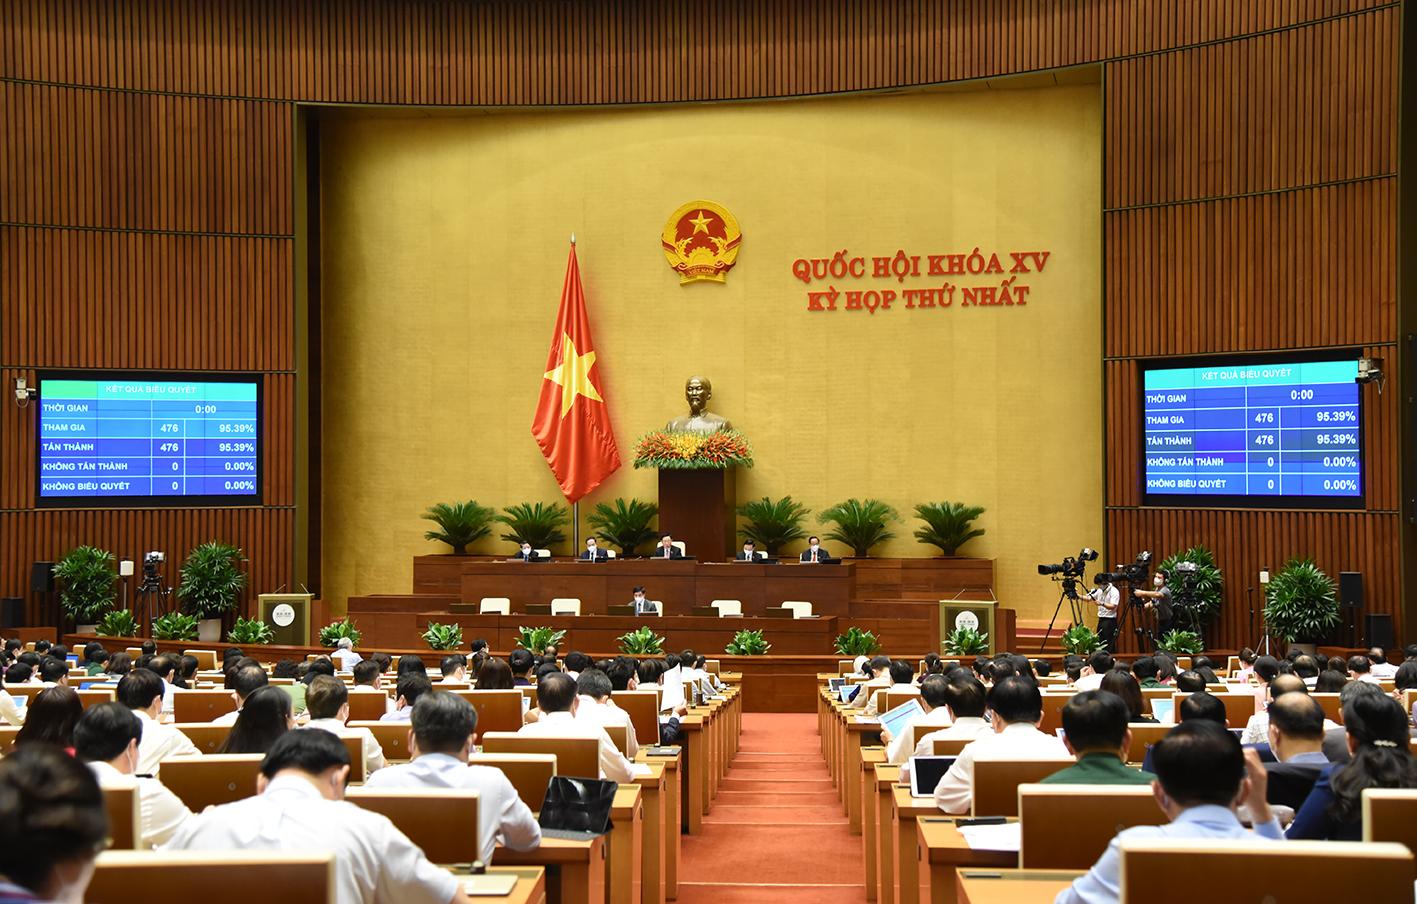 Quốc hội nghe Báo cáo về kinh tế-xã hội, ngân sách